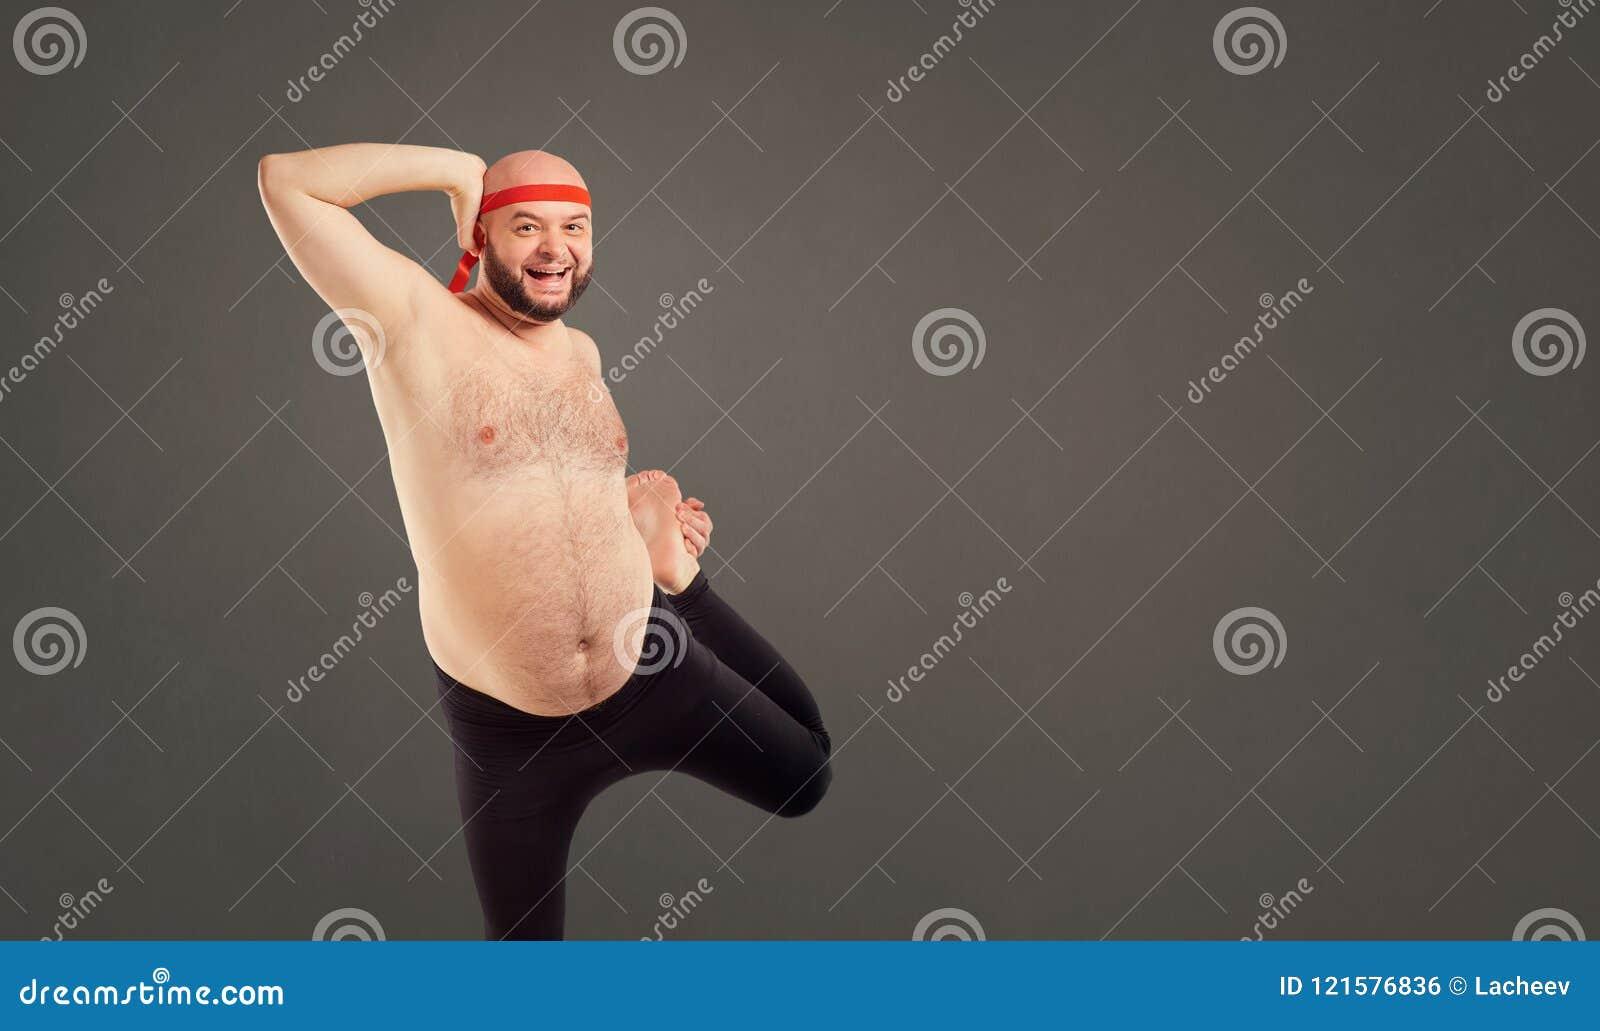 Homme Barbu Nu un homme barbu avec un estomac nu faisant le yoga photo stock